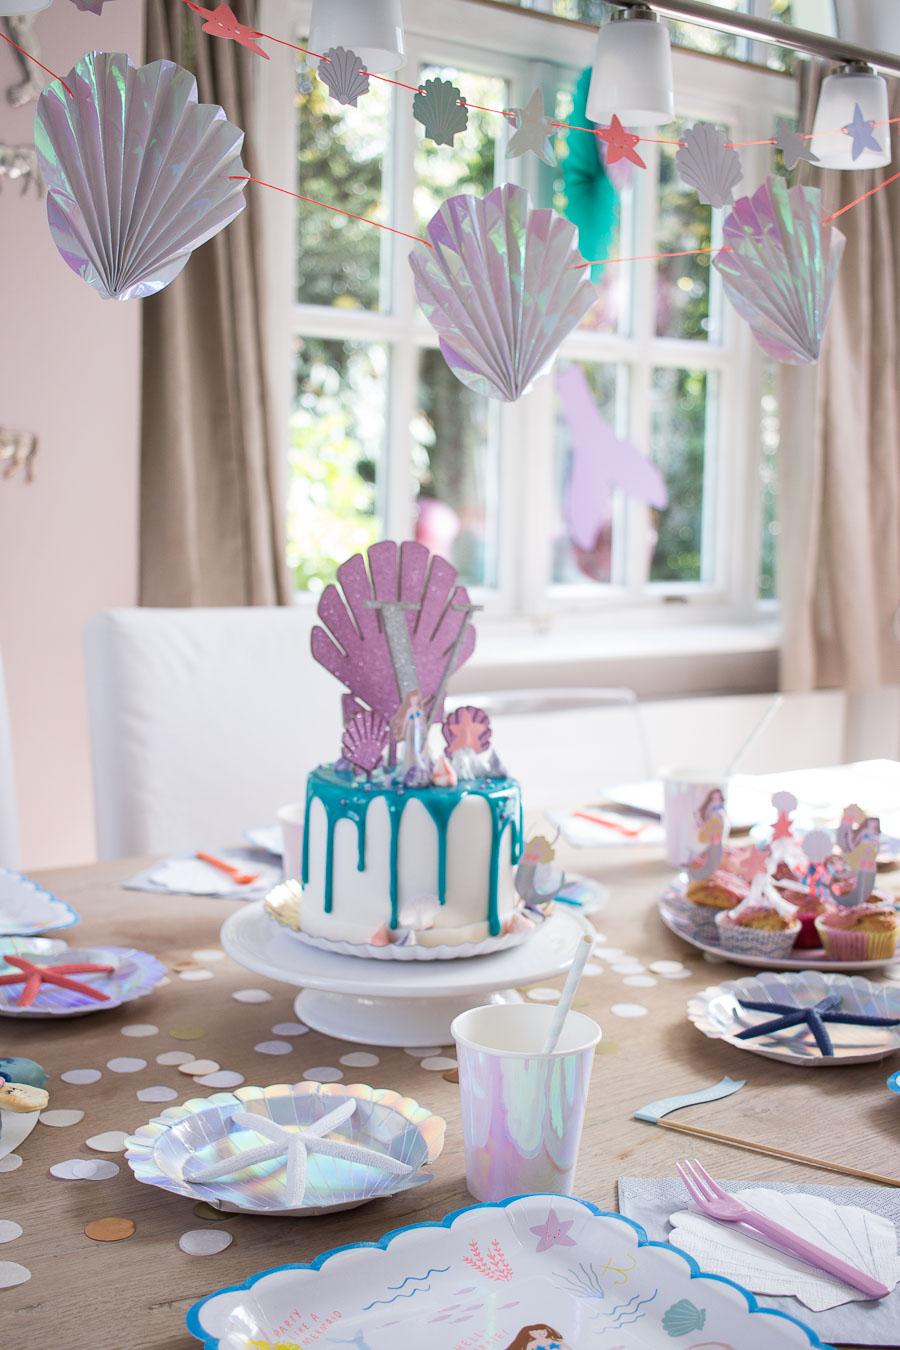 Meerjungfrauenparty Dekoration Torte Spiele Mother S Finest